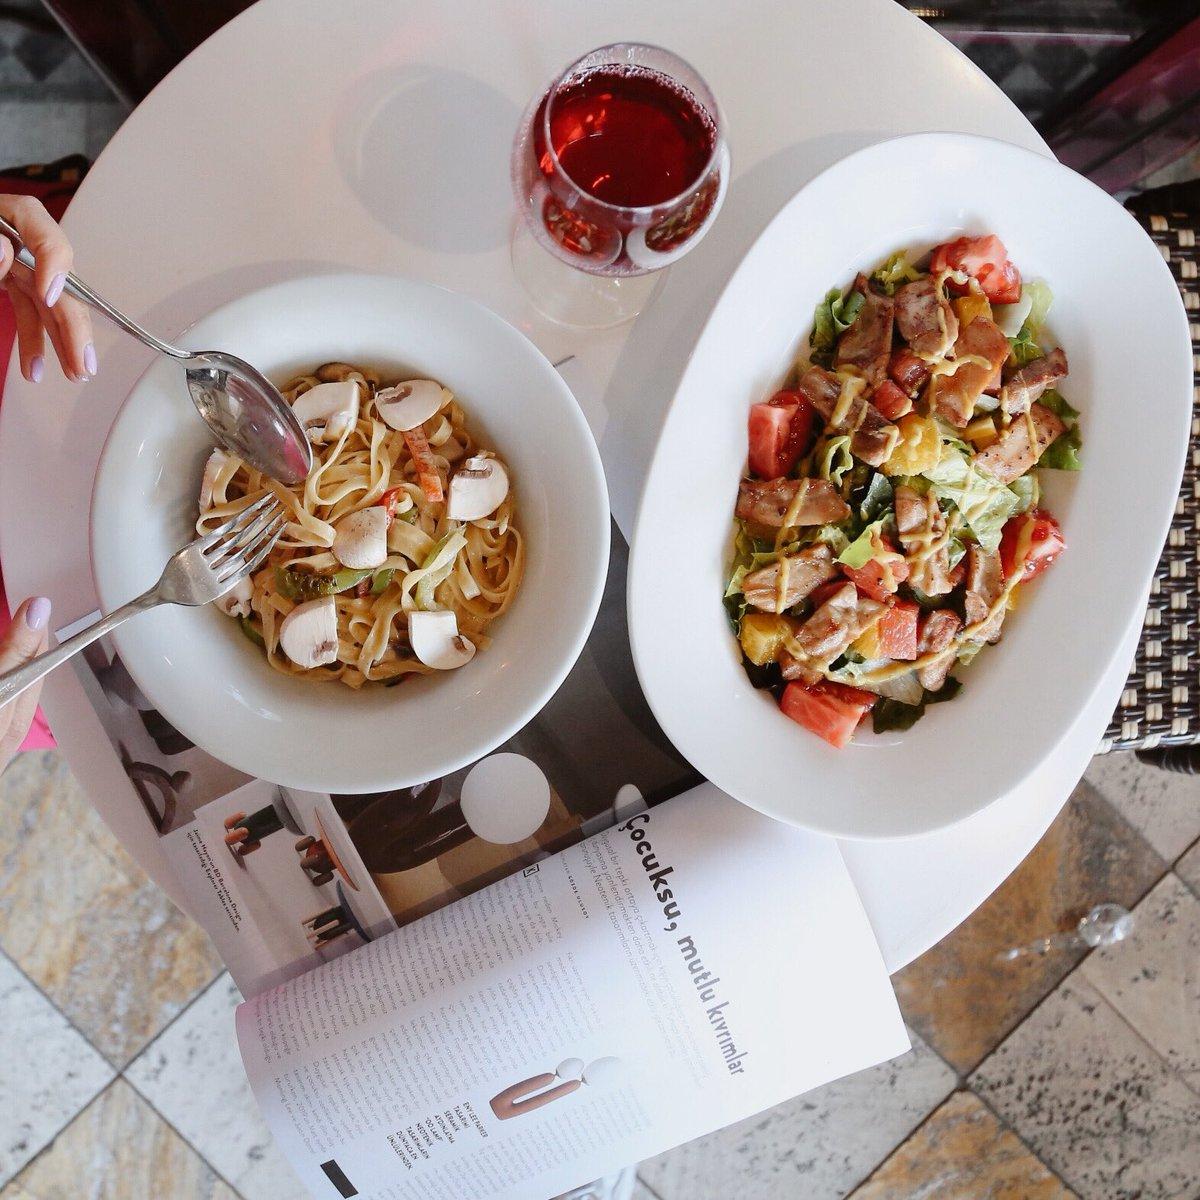 Öğle ve akşam yemeği için zengin ana yemek, salata ve aperitif seçenekleriyle Gordion Cafe Des Cafes sizleri bekliyor. #GordionGibisiYok https://t.co/VdyKT1xILW